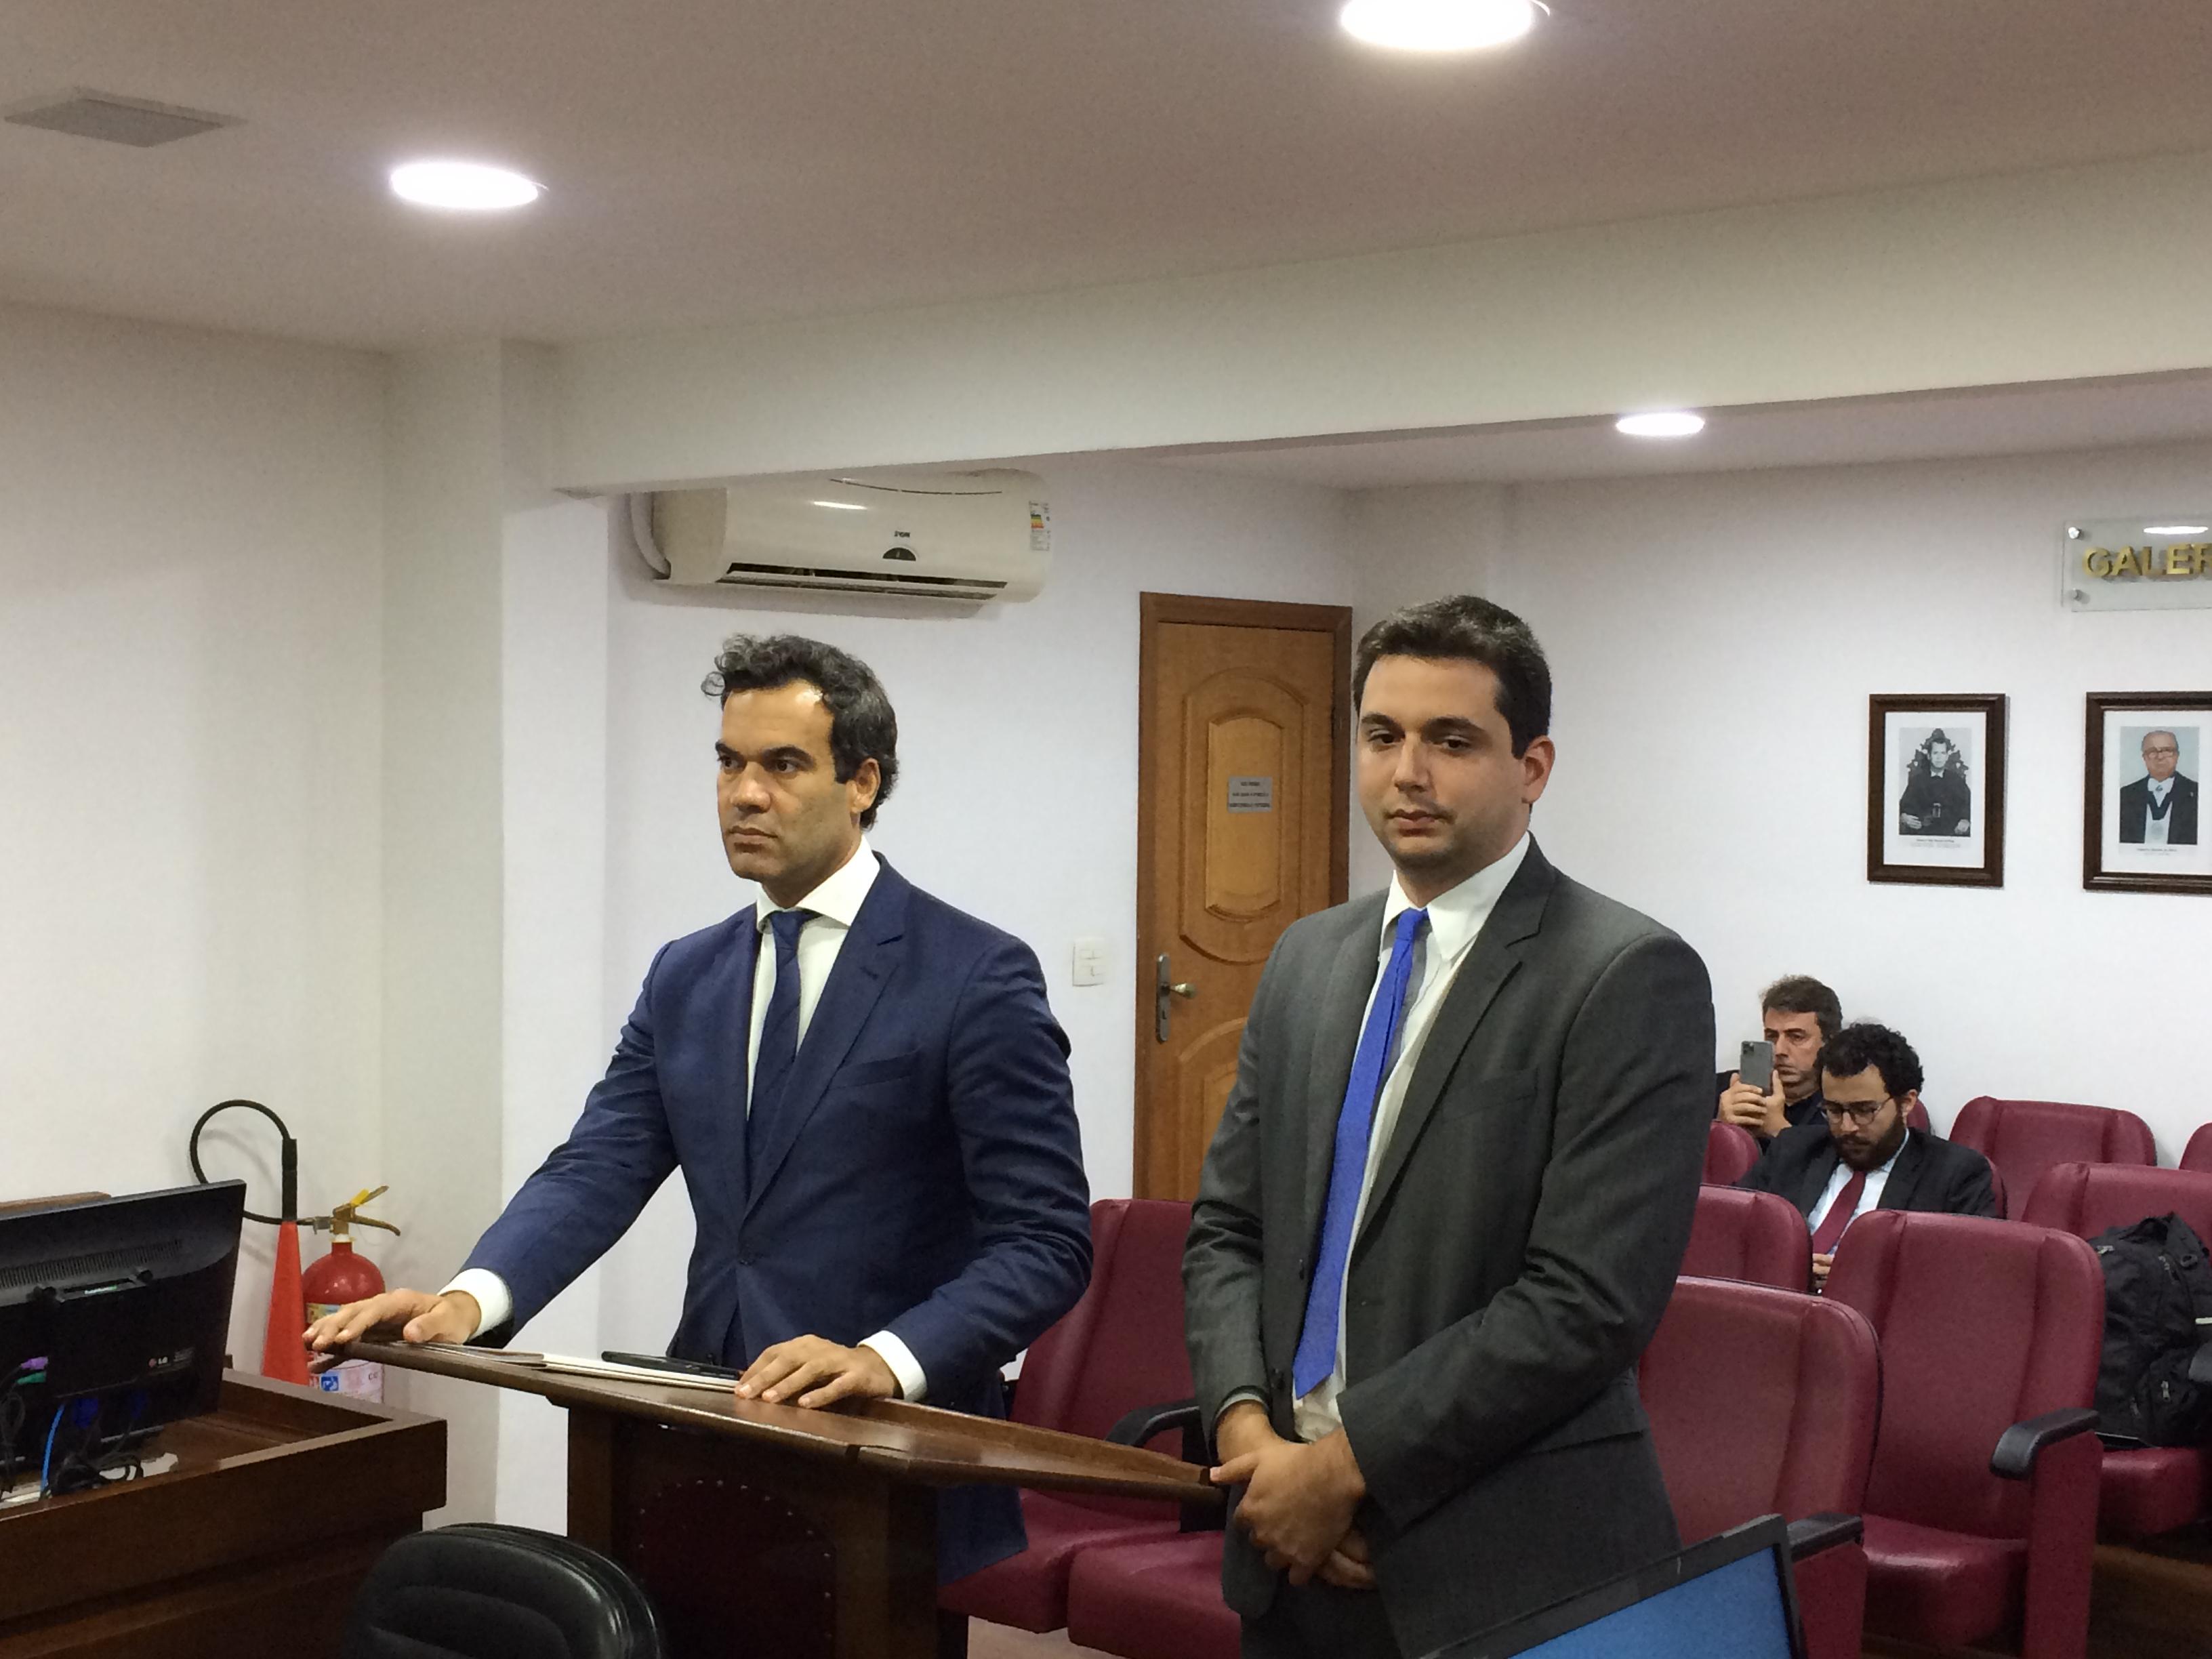 Pleno mantém absolvição do Angra por denúncia de escalação irregular